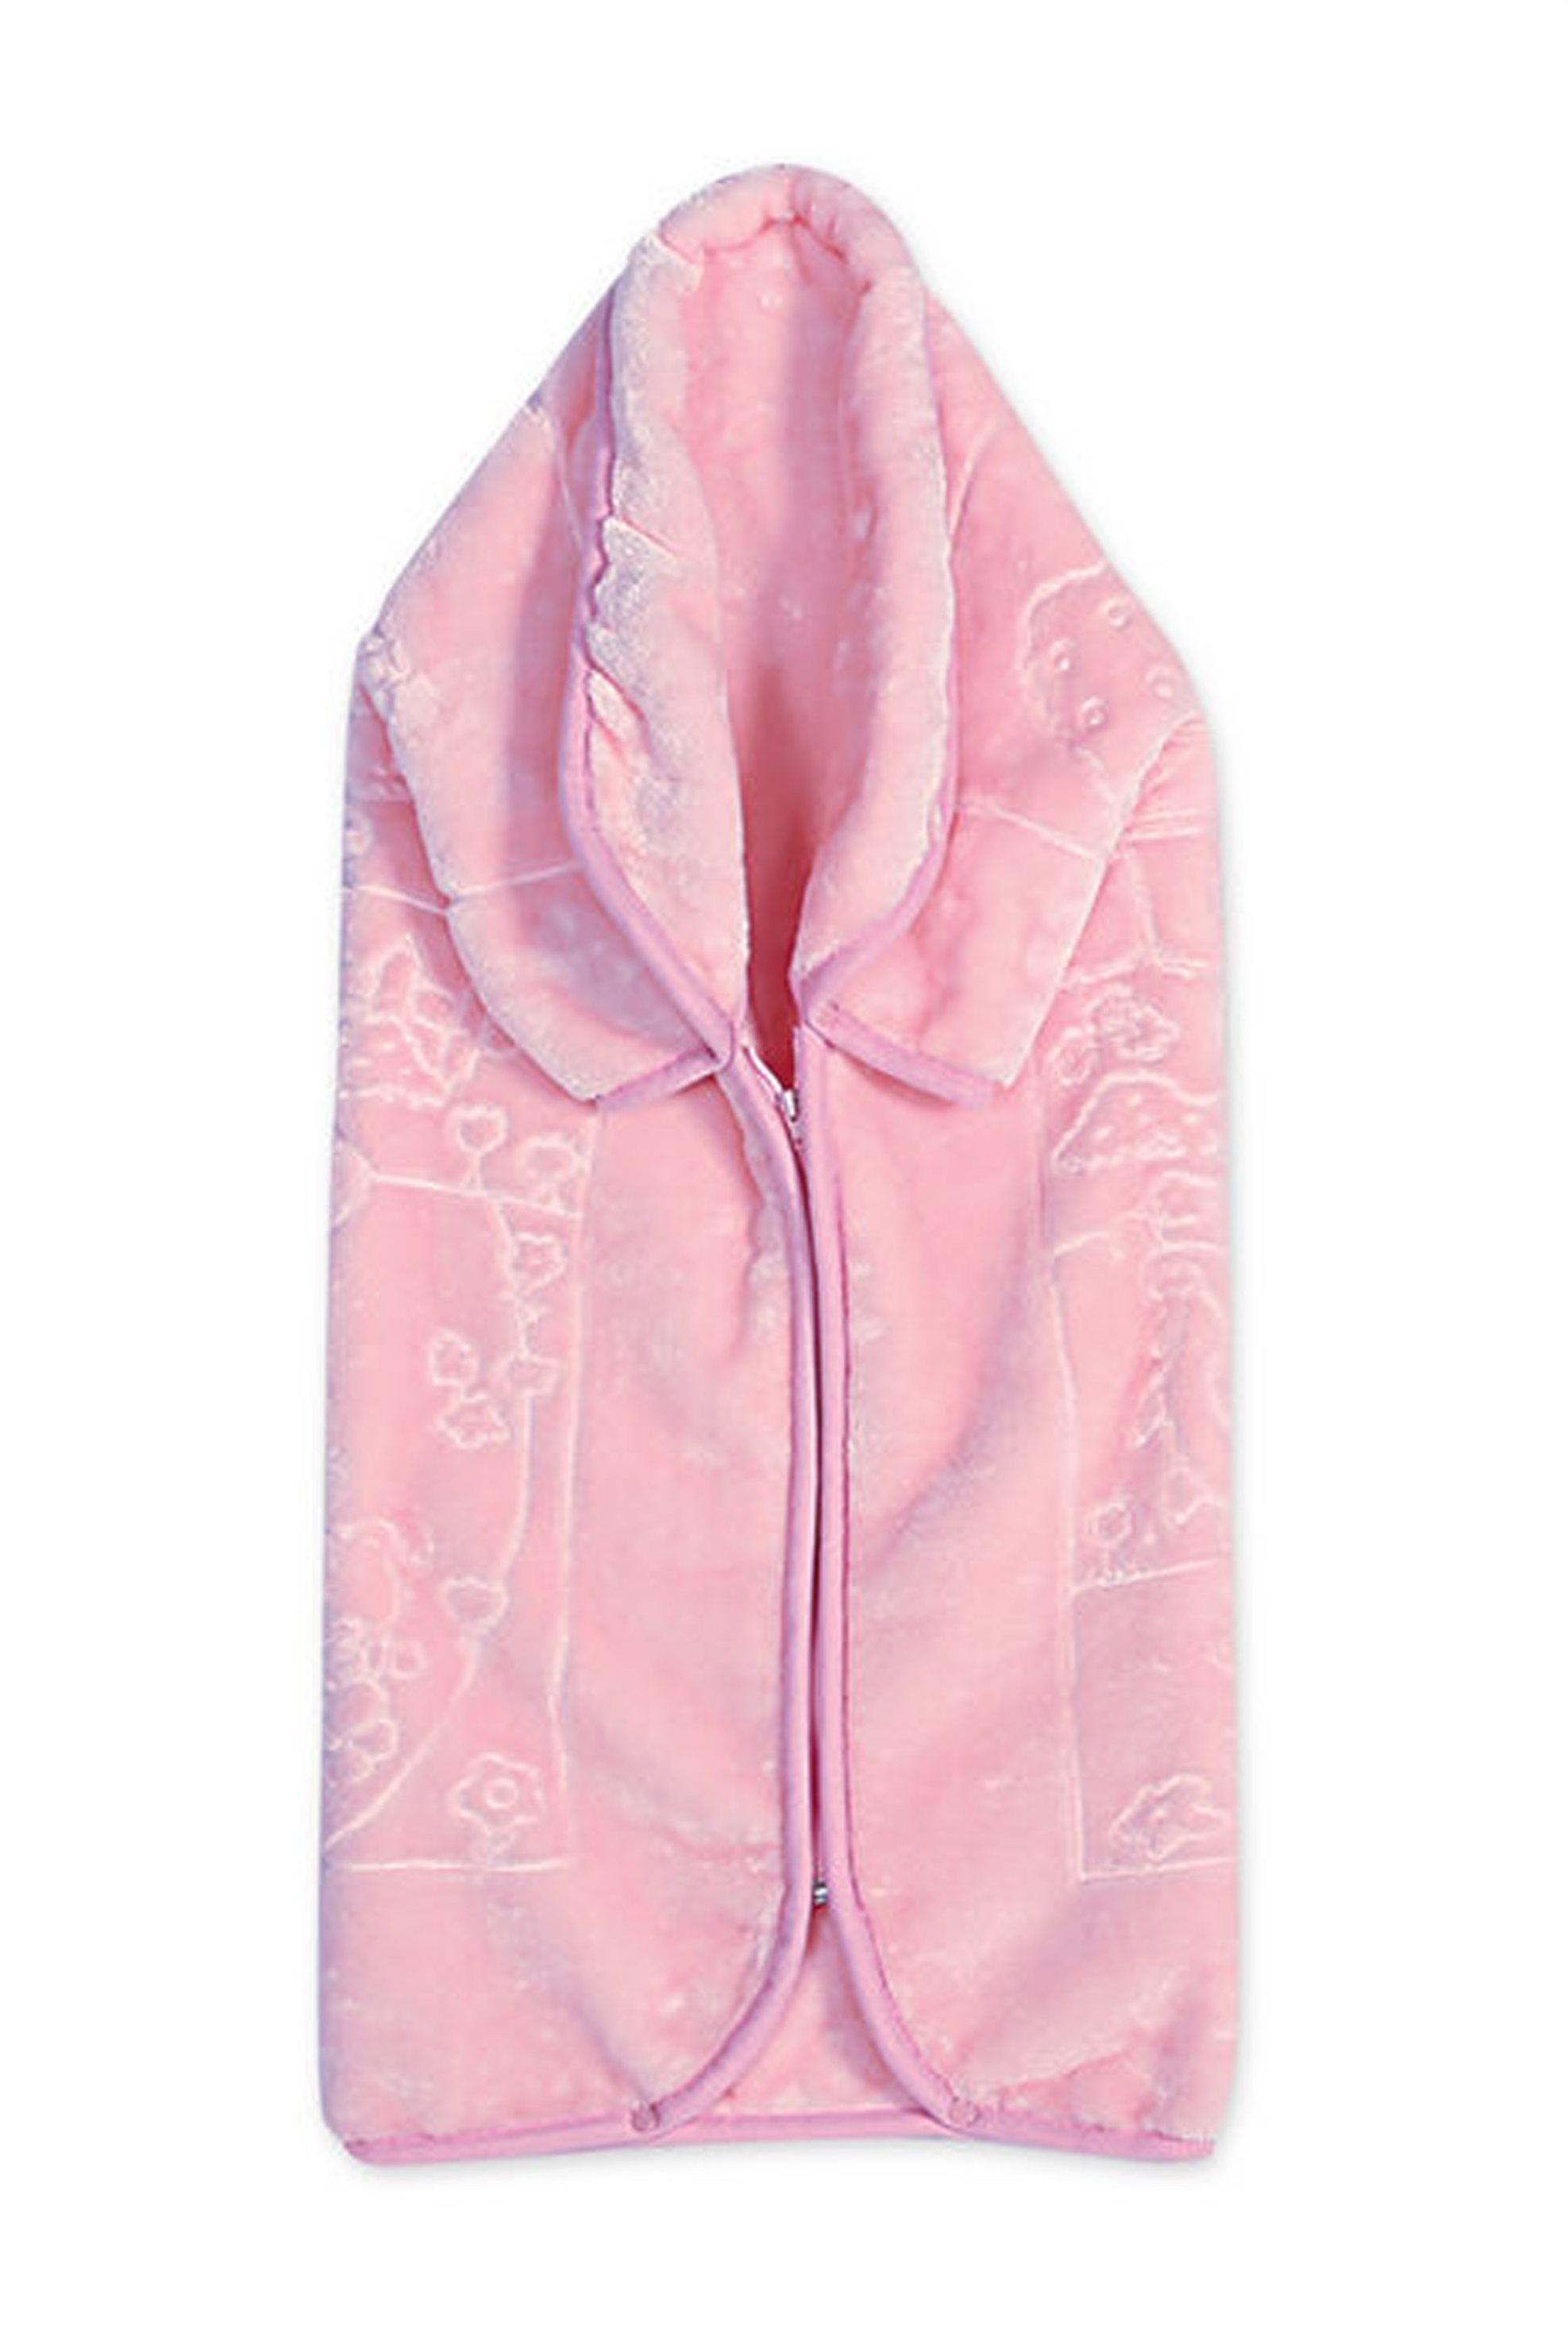 Βρεφική ροζ κουβέρτα - υπνόσακος Play House NEF - NEF - 019757 - Ροζ home   παιδια   κουβέρτες